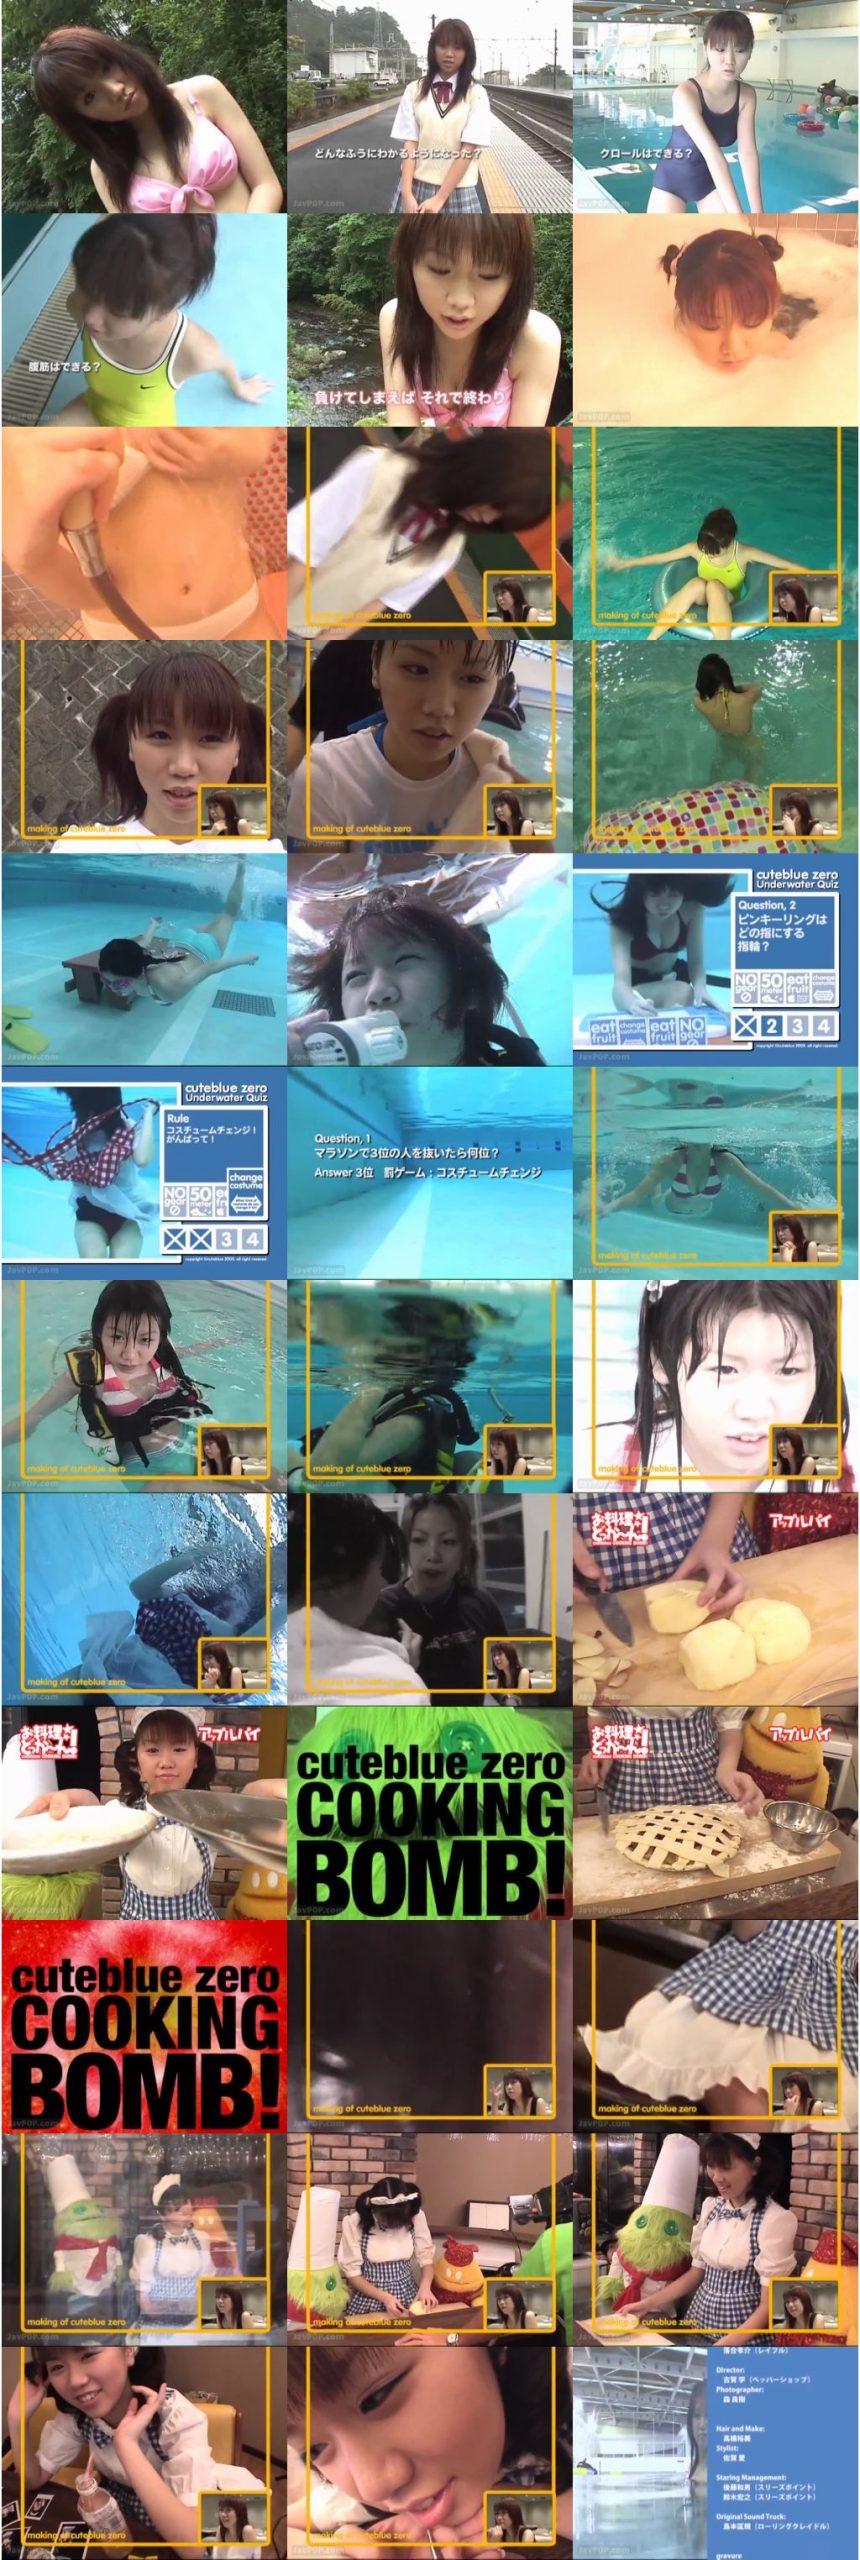 cute 004d ishiko rina s scaled - [CUTE-004D] 石河里奈 Ishiko Rina